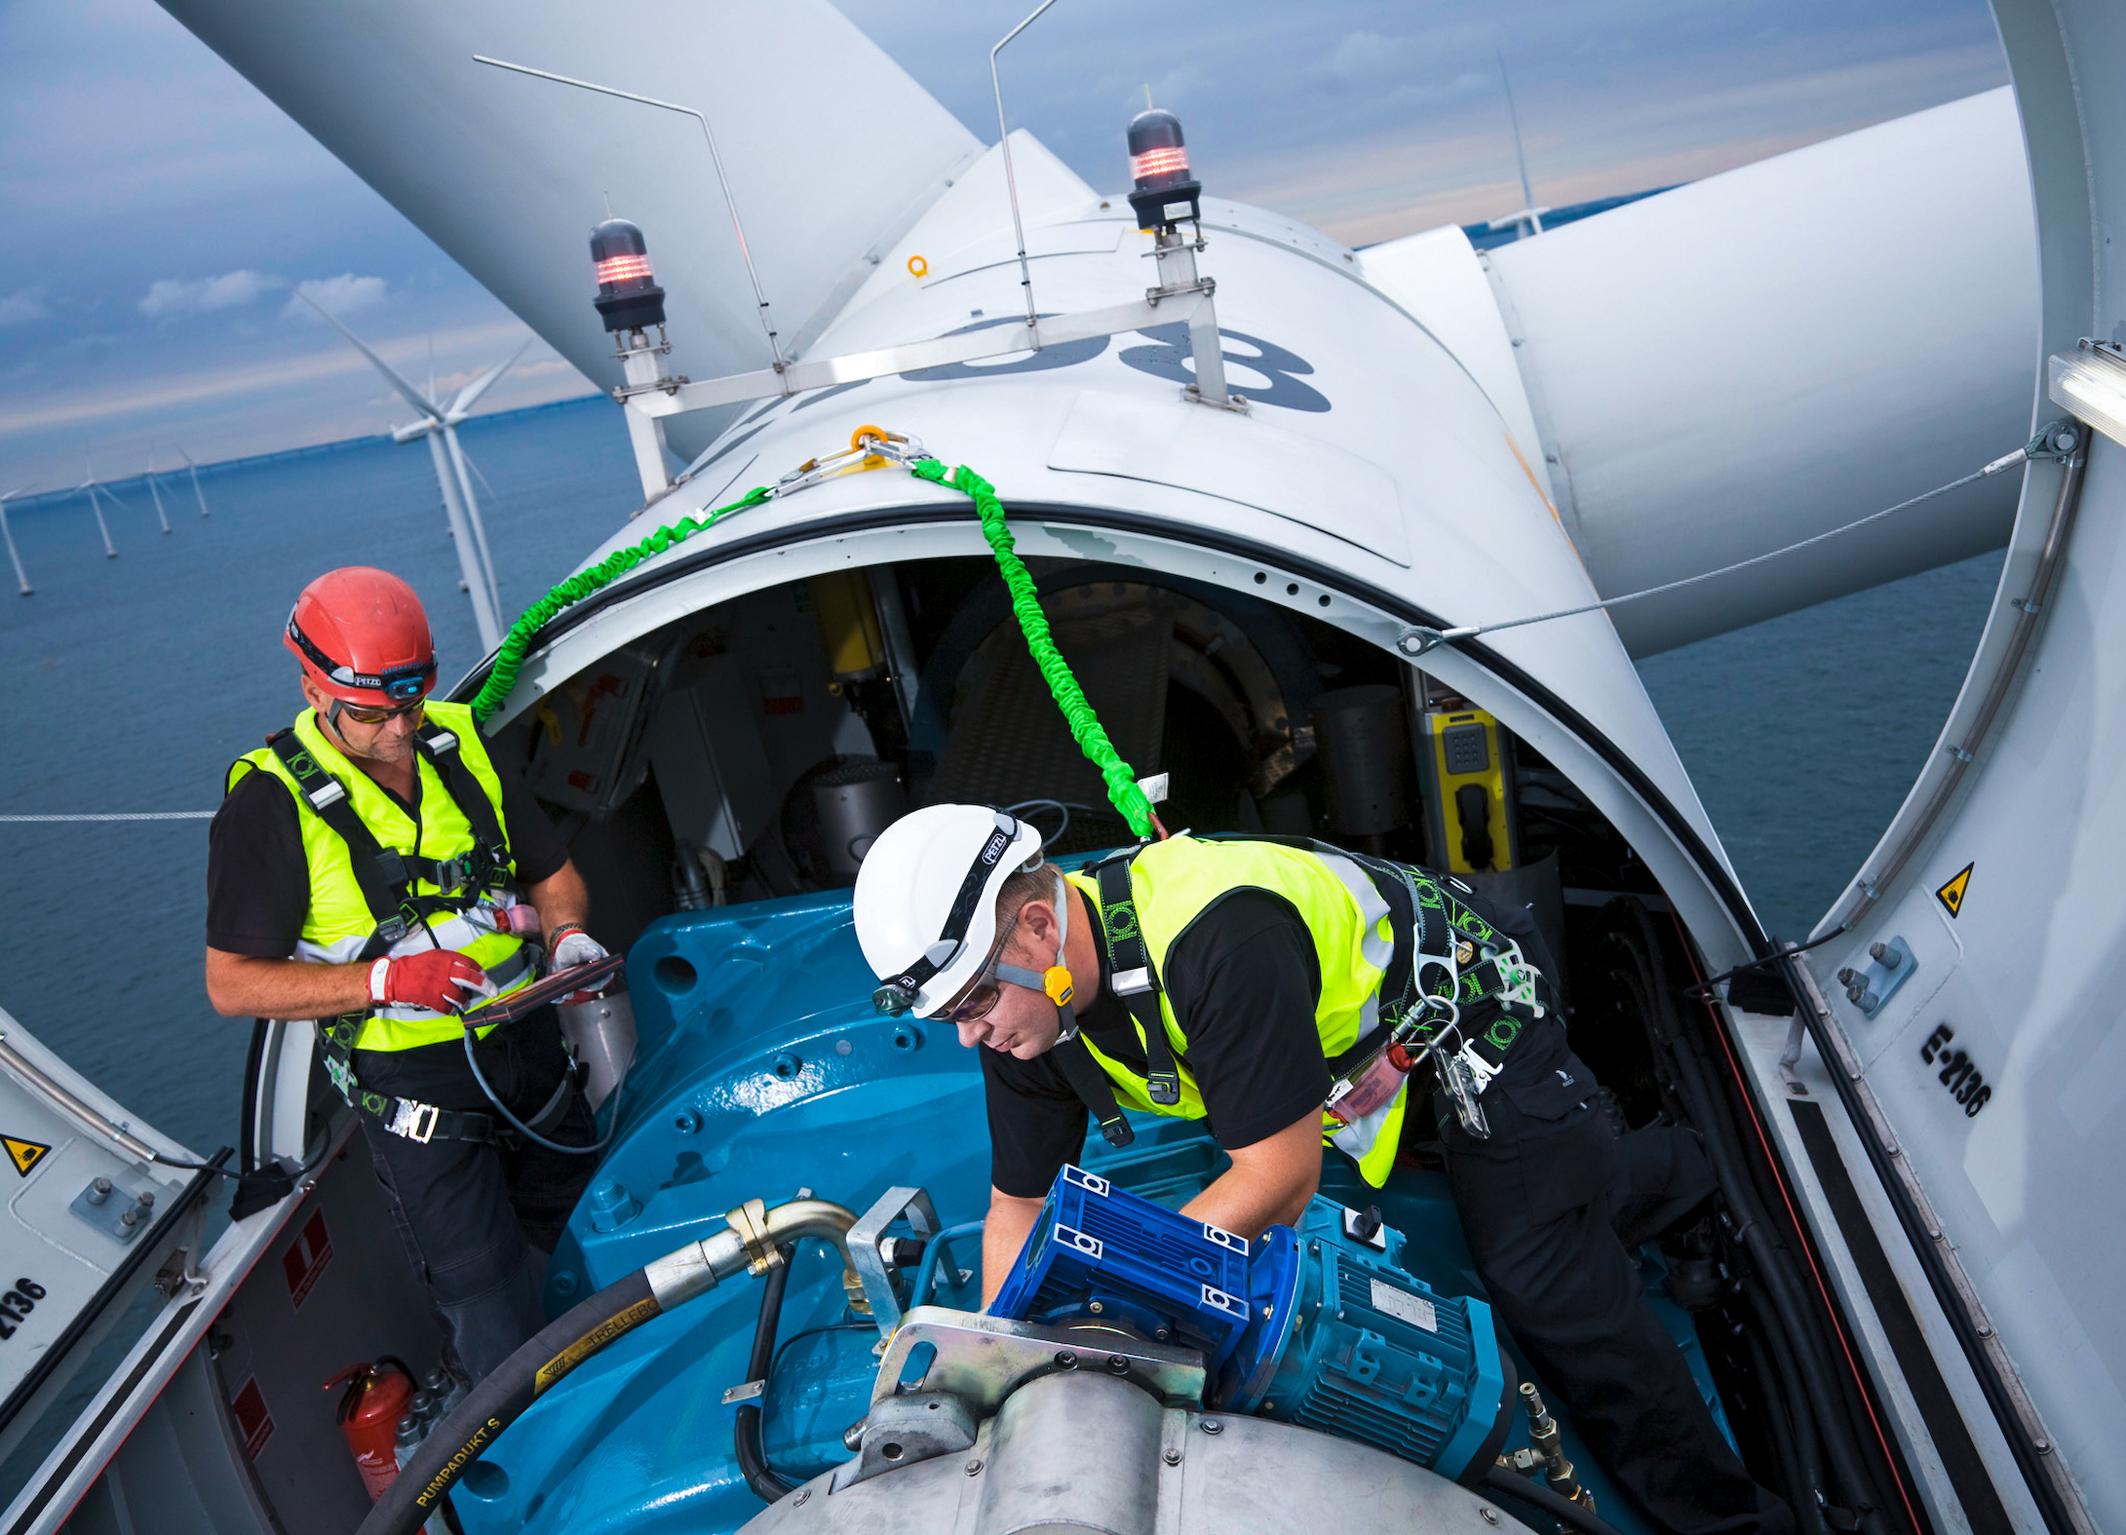 Triển vọng việc làm trong lĩnh vực năng lượng tái tạo